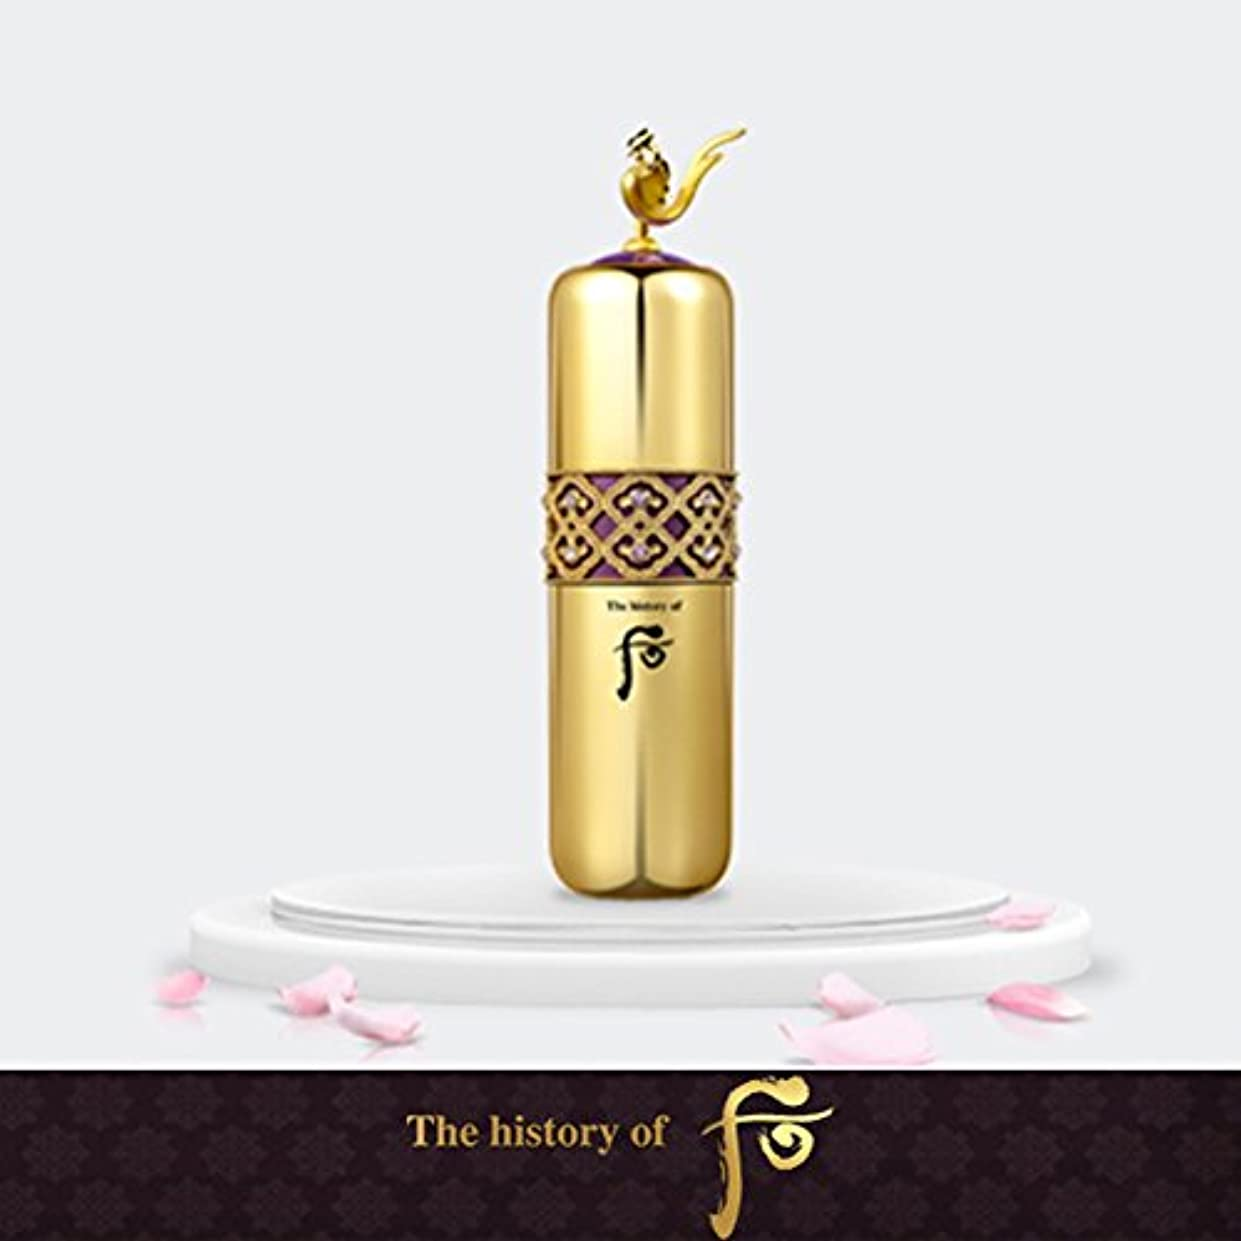 引くポルティコ時期尚早【フー/The history of whoo] Whoo后 Hwanyu Signature Ampoule/后(フー)よりヒストリー?オブ?後環留保額アンプル40ml+[Sample Gift](海外直送品)